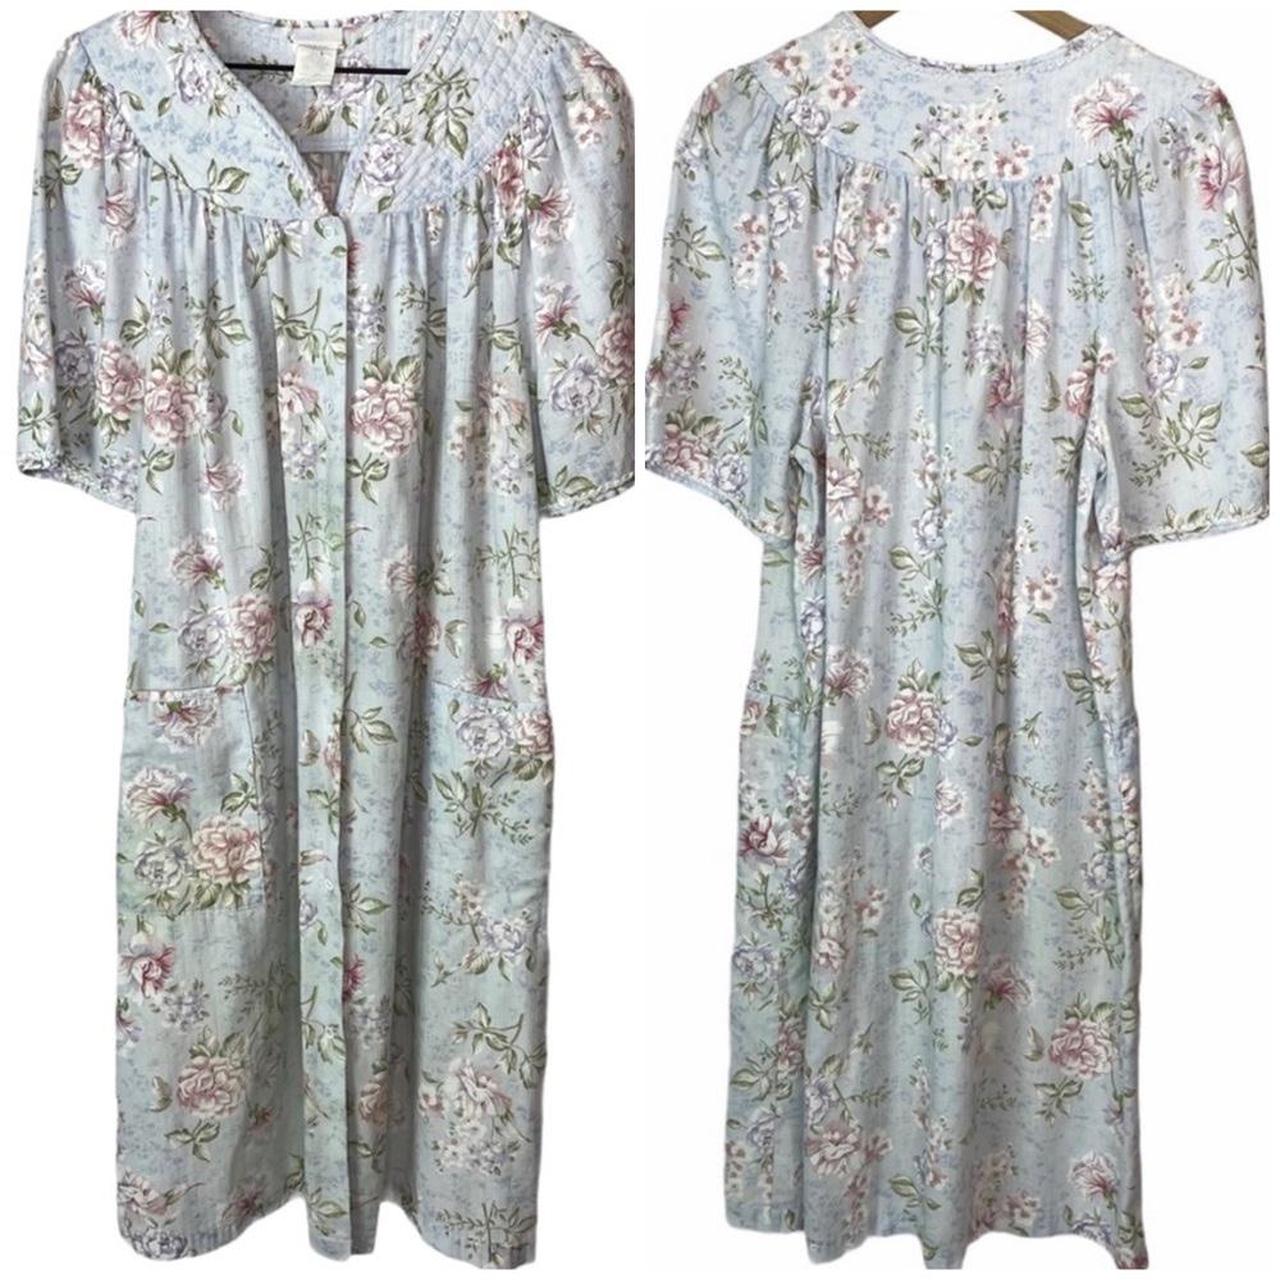 Product Image 1 - Vintage short sleeve mumu type